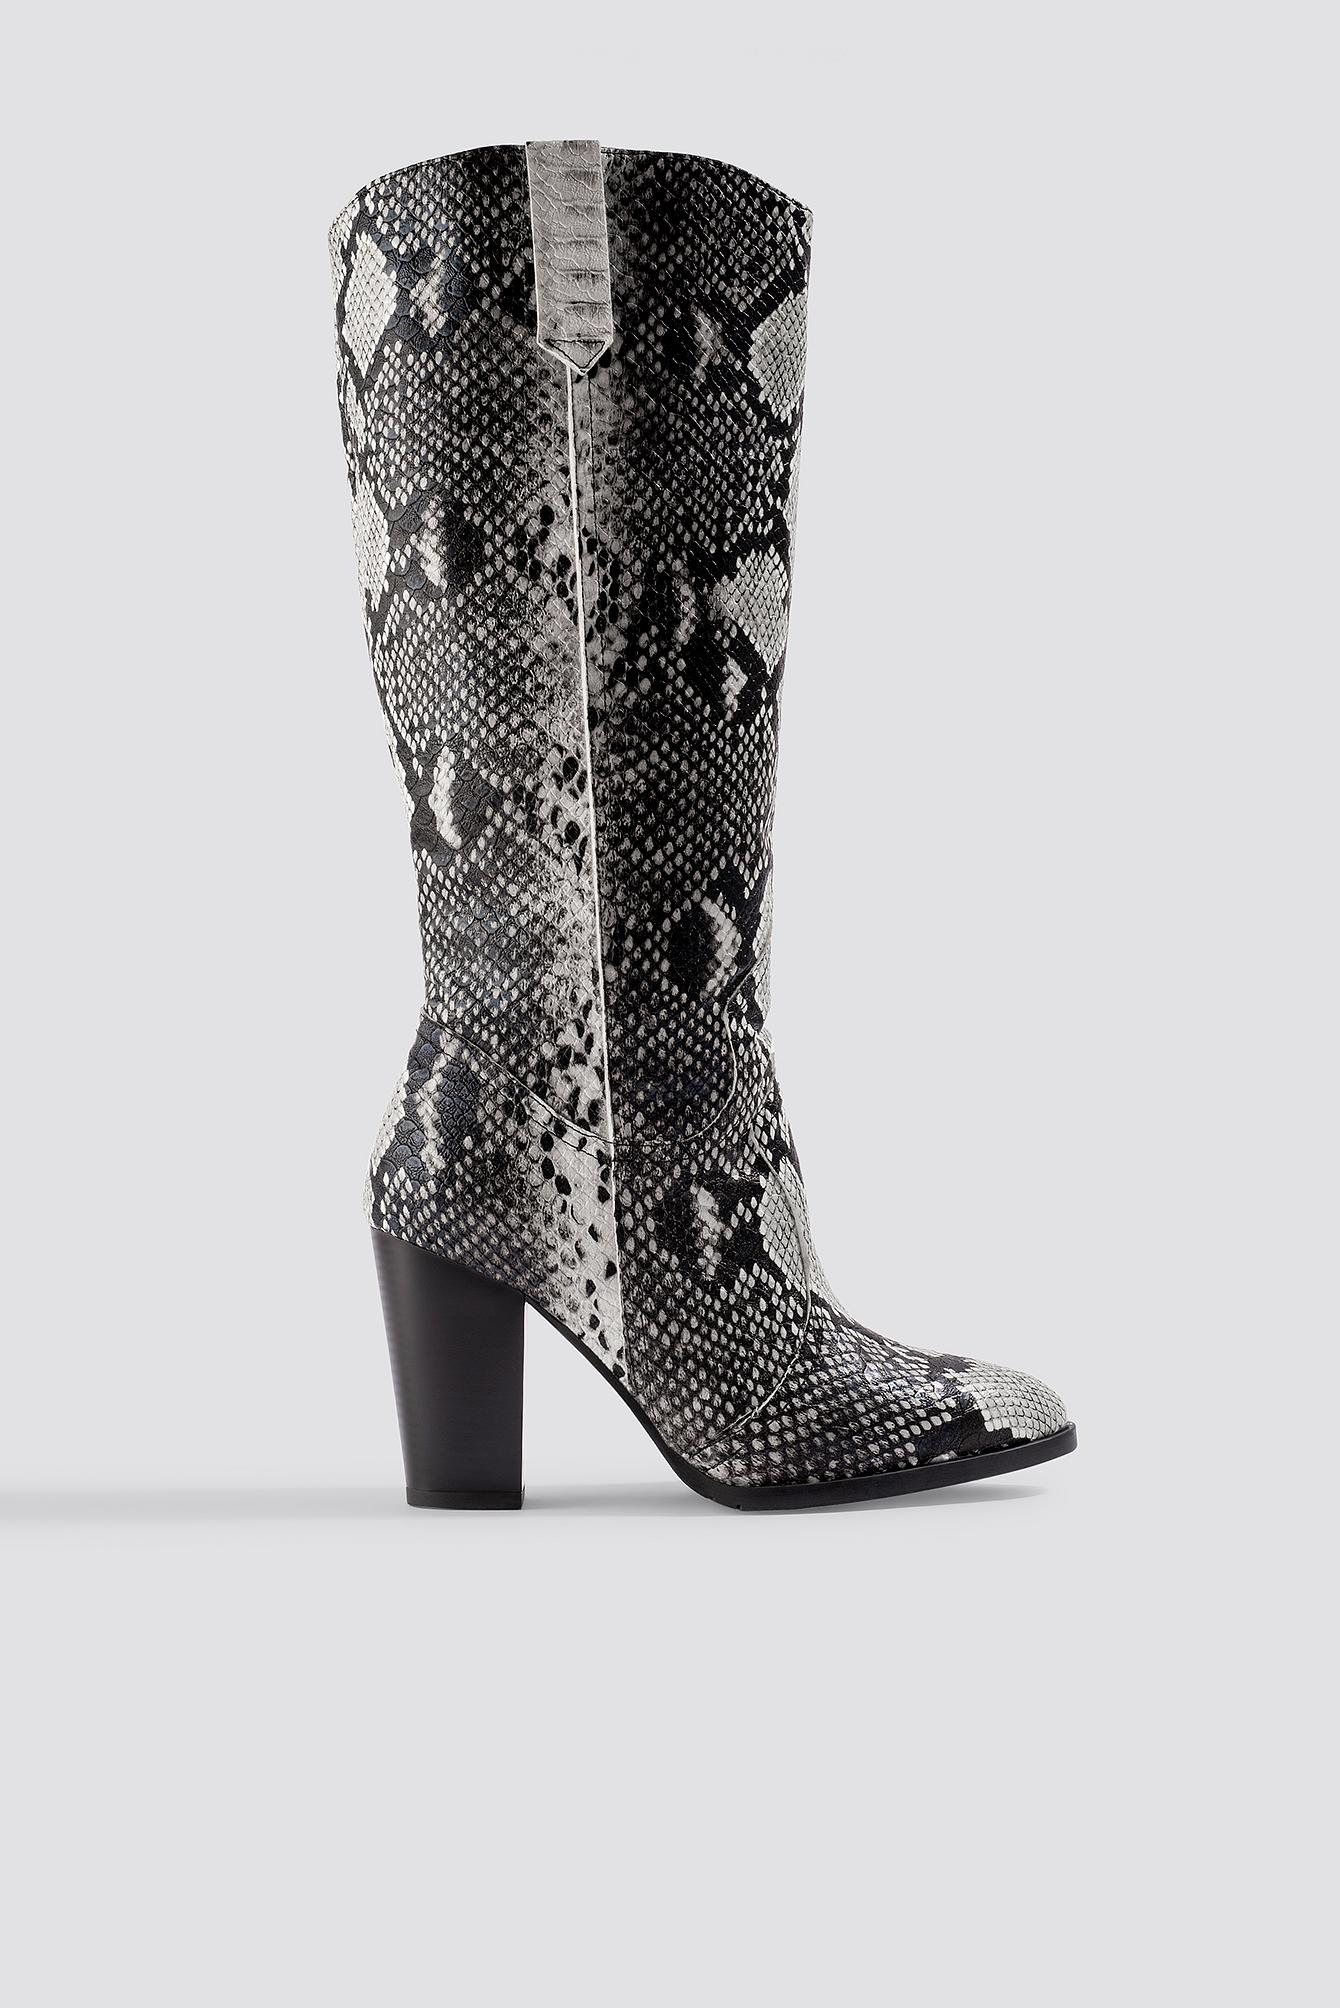 trendyol -  Snake Patterned Boots - Black,Grey,Multicolor